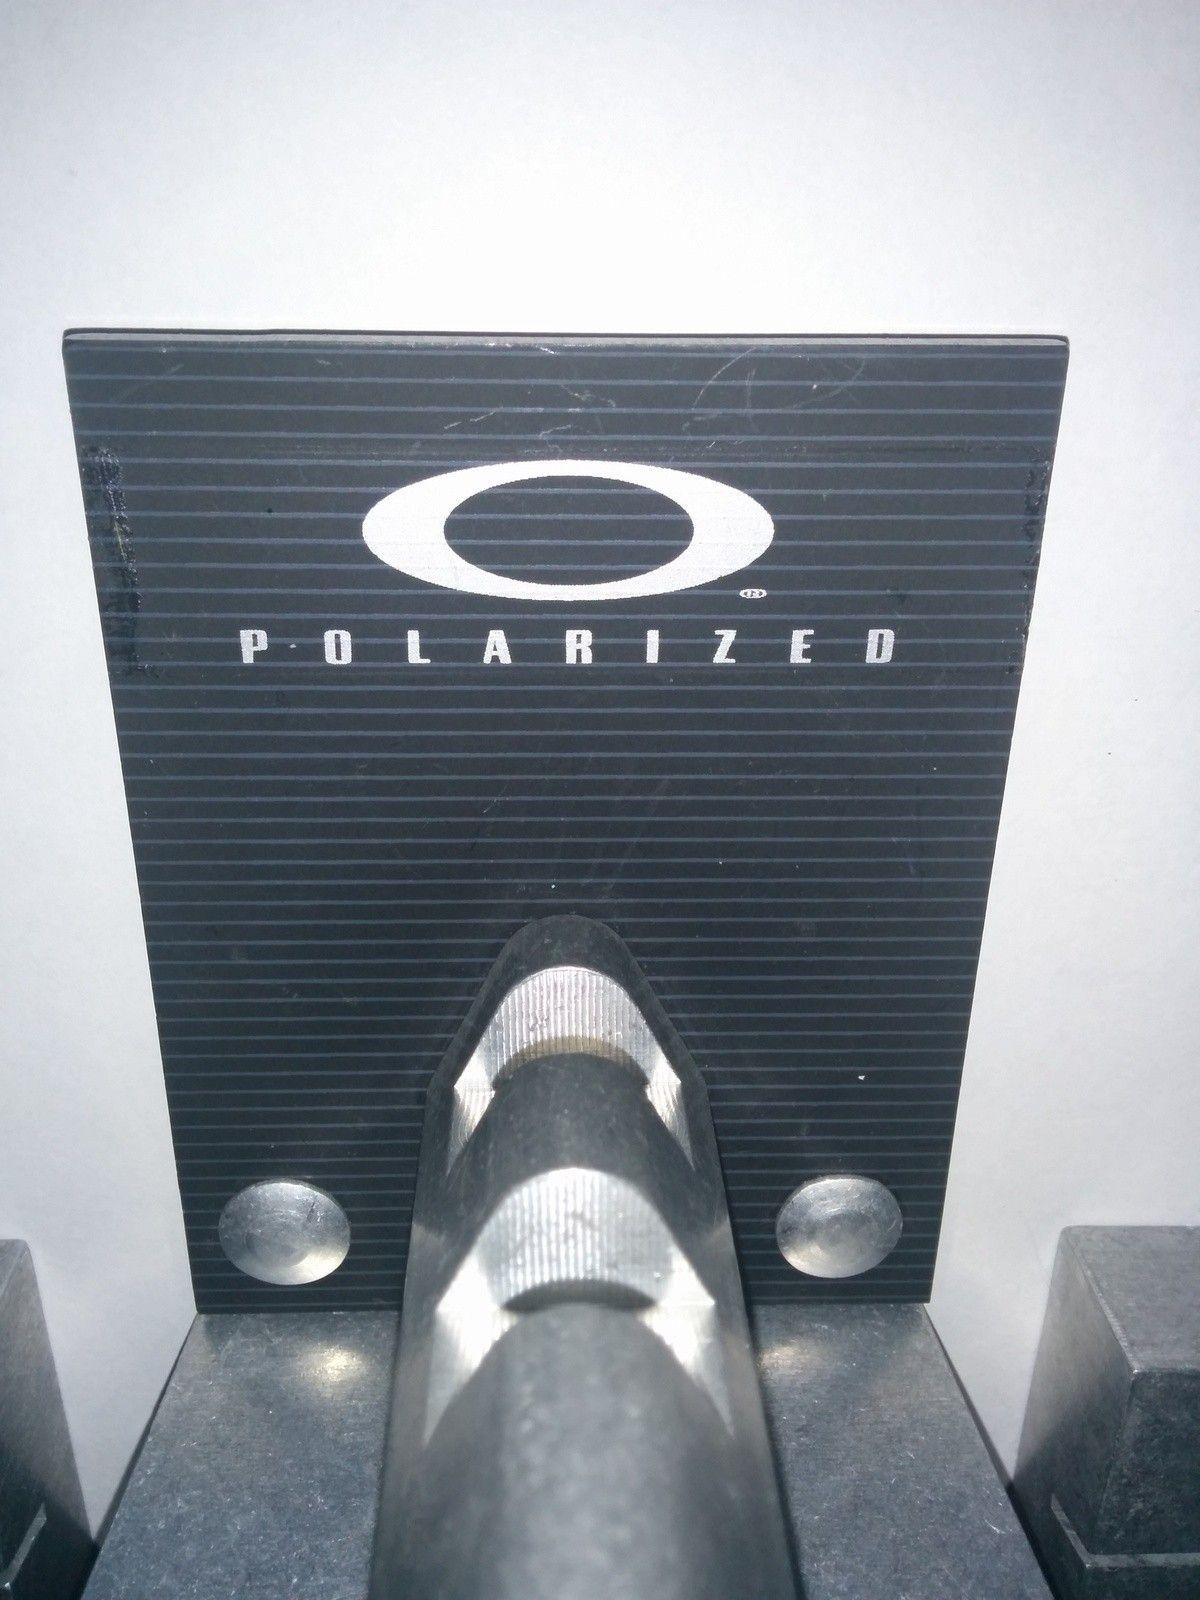 Display set, X- Metal stands and card holders - uploadfromtaptalk1423682544706.jpg